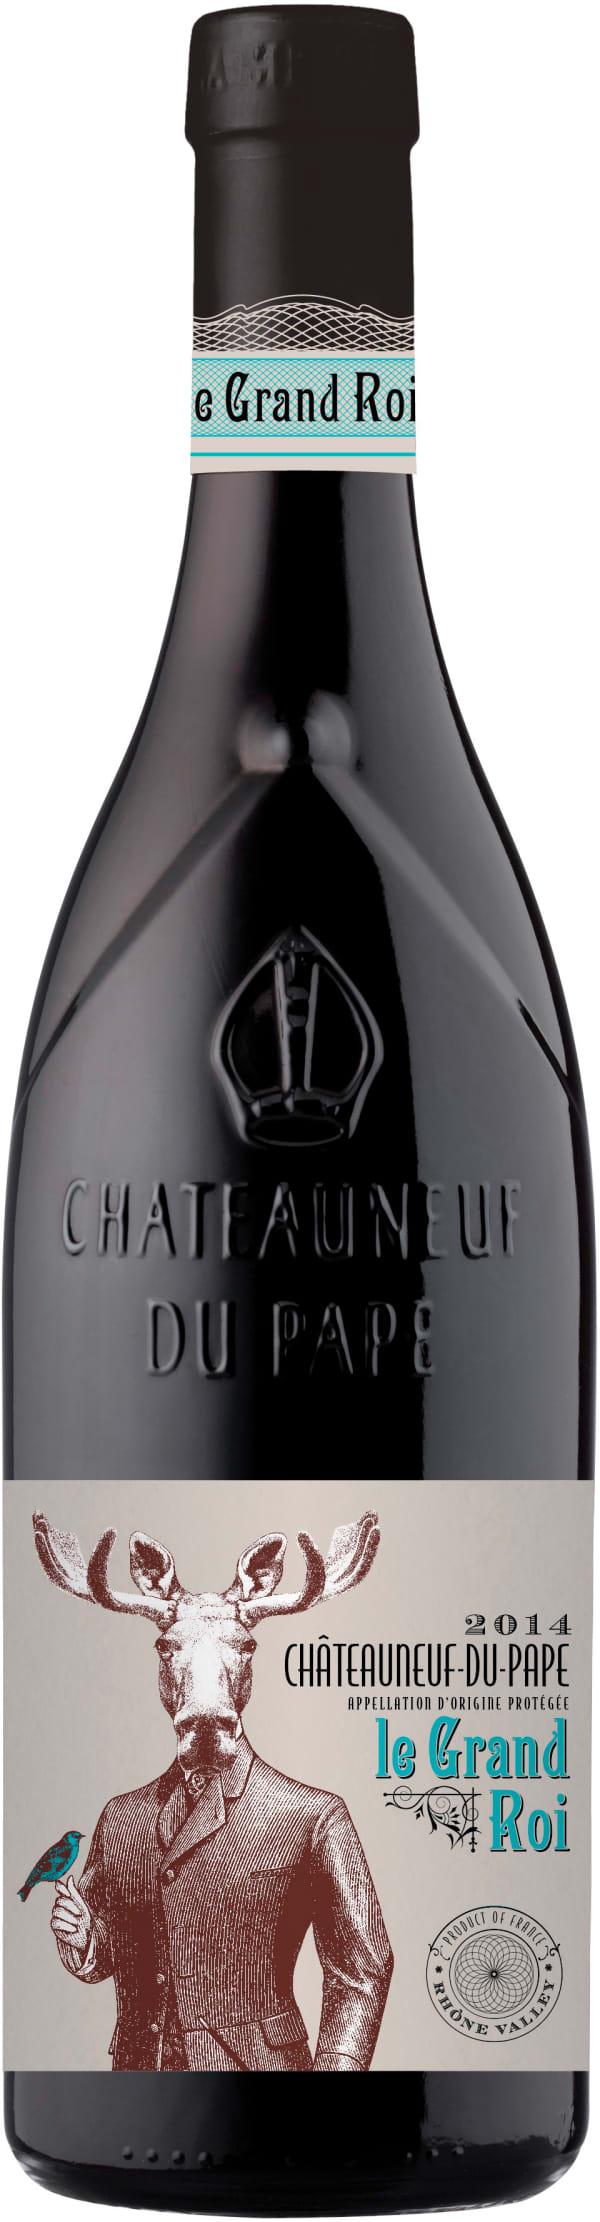 Le Grand Roi Châteauneuf-du-Pape 2016